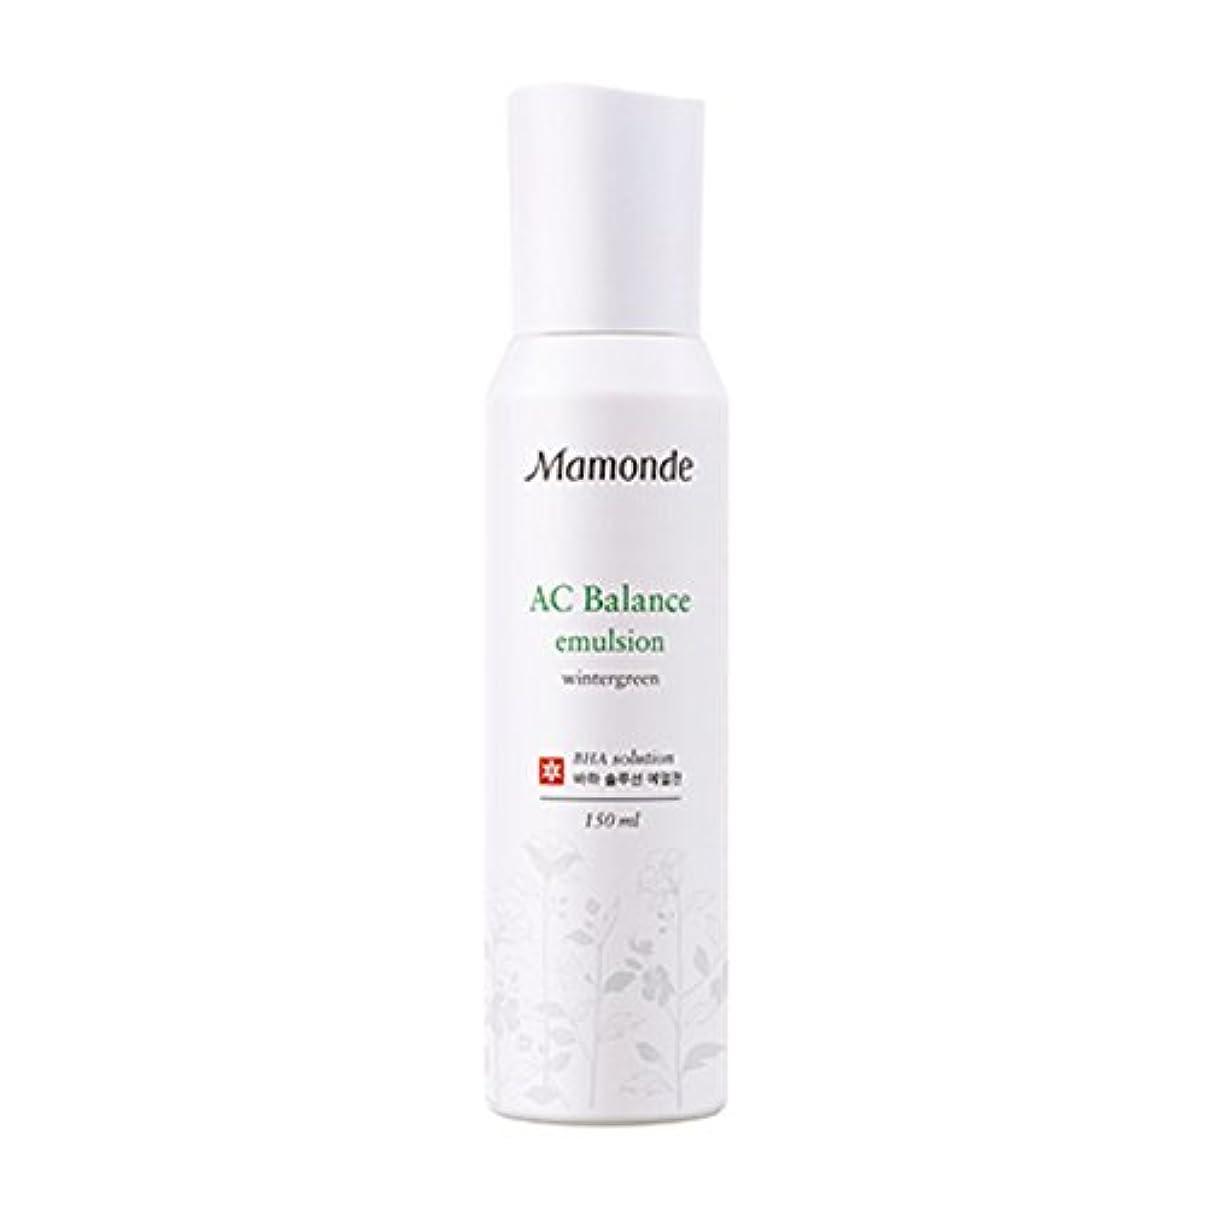 削減主権者難民[New] Mamonde AC Balance Emulsion 150ml/マモンド AC バランス エマルジョン 150ml [並行輸入品]